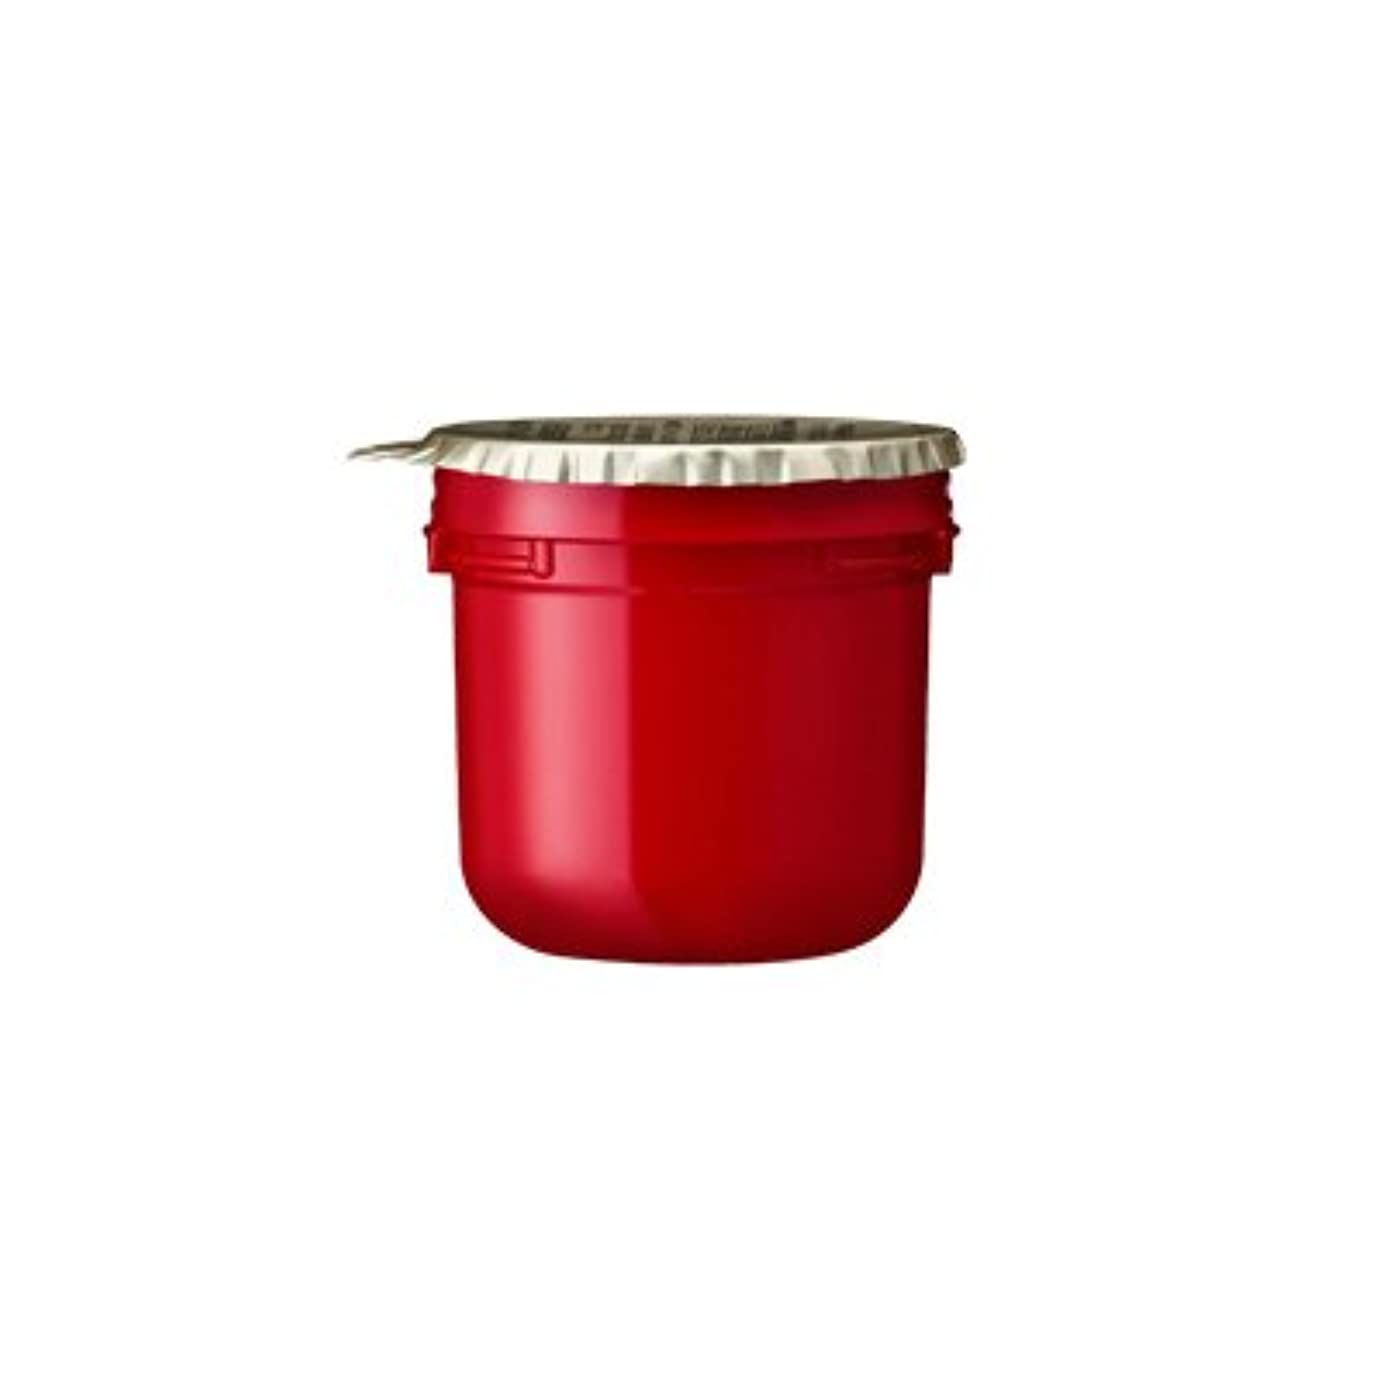 批判的にプランターアサーフジフイルム アスタリフト クリーム (レフィル) 30g リニューアル (4547410340594)並行輸入品